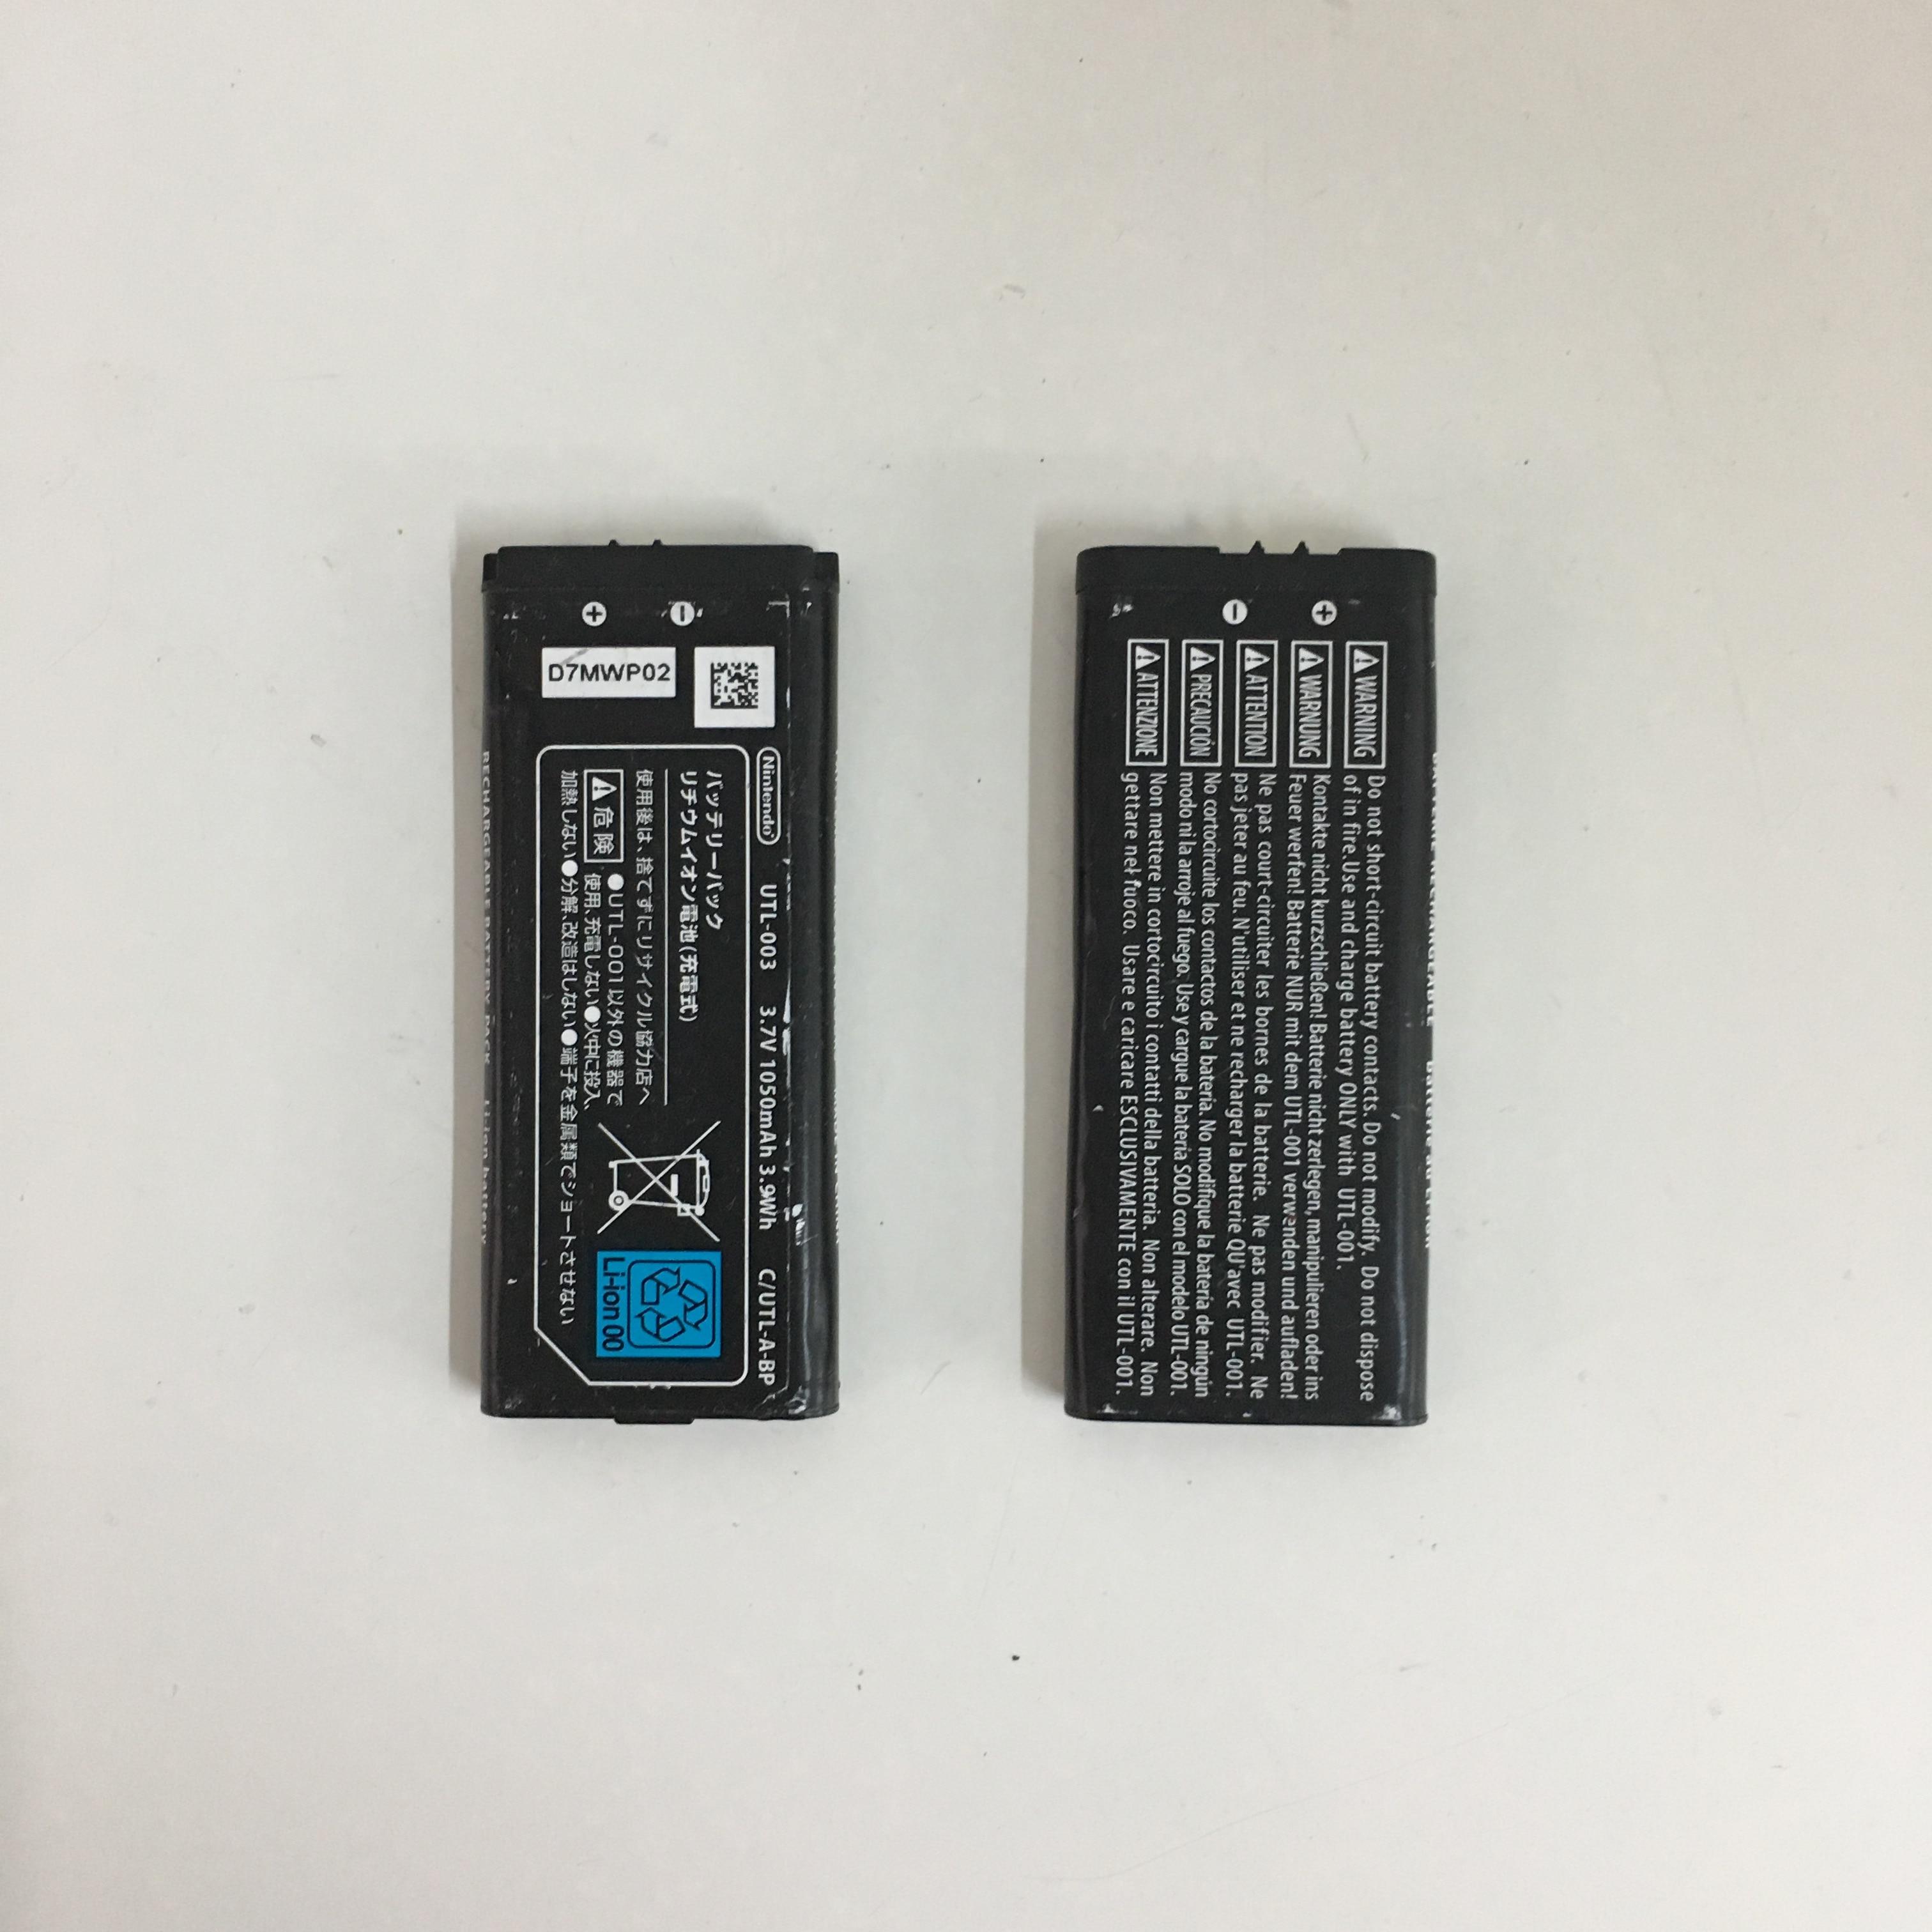 Batería de iones de litio recargable Original usada UTL-003 PARA LA BATERÍA INTEGRADA Nintend ndsisl/LL de 3,7 V y 1050MAH